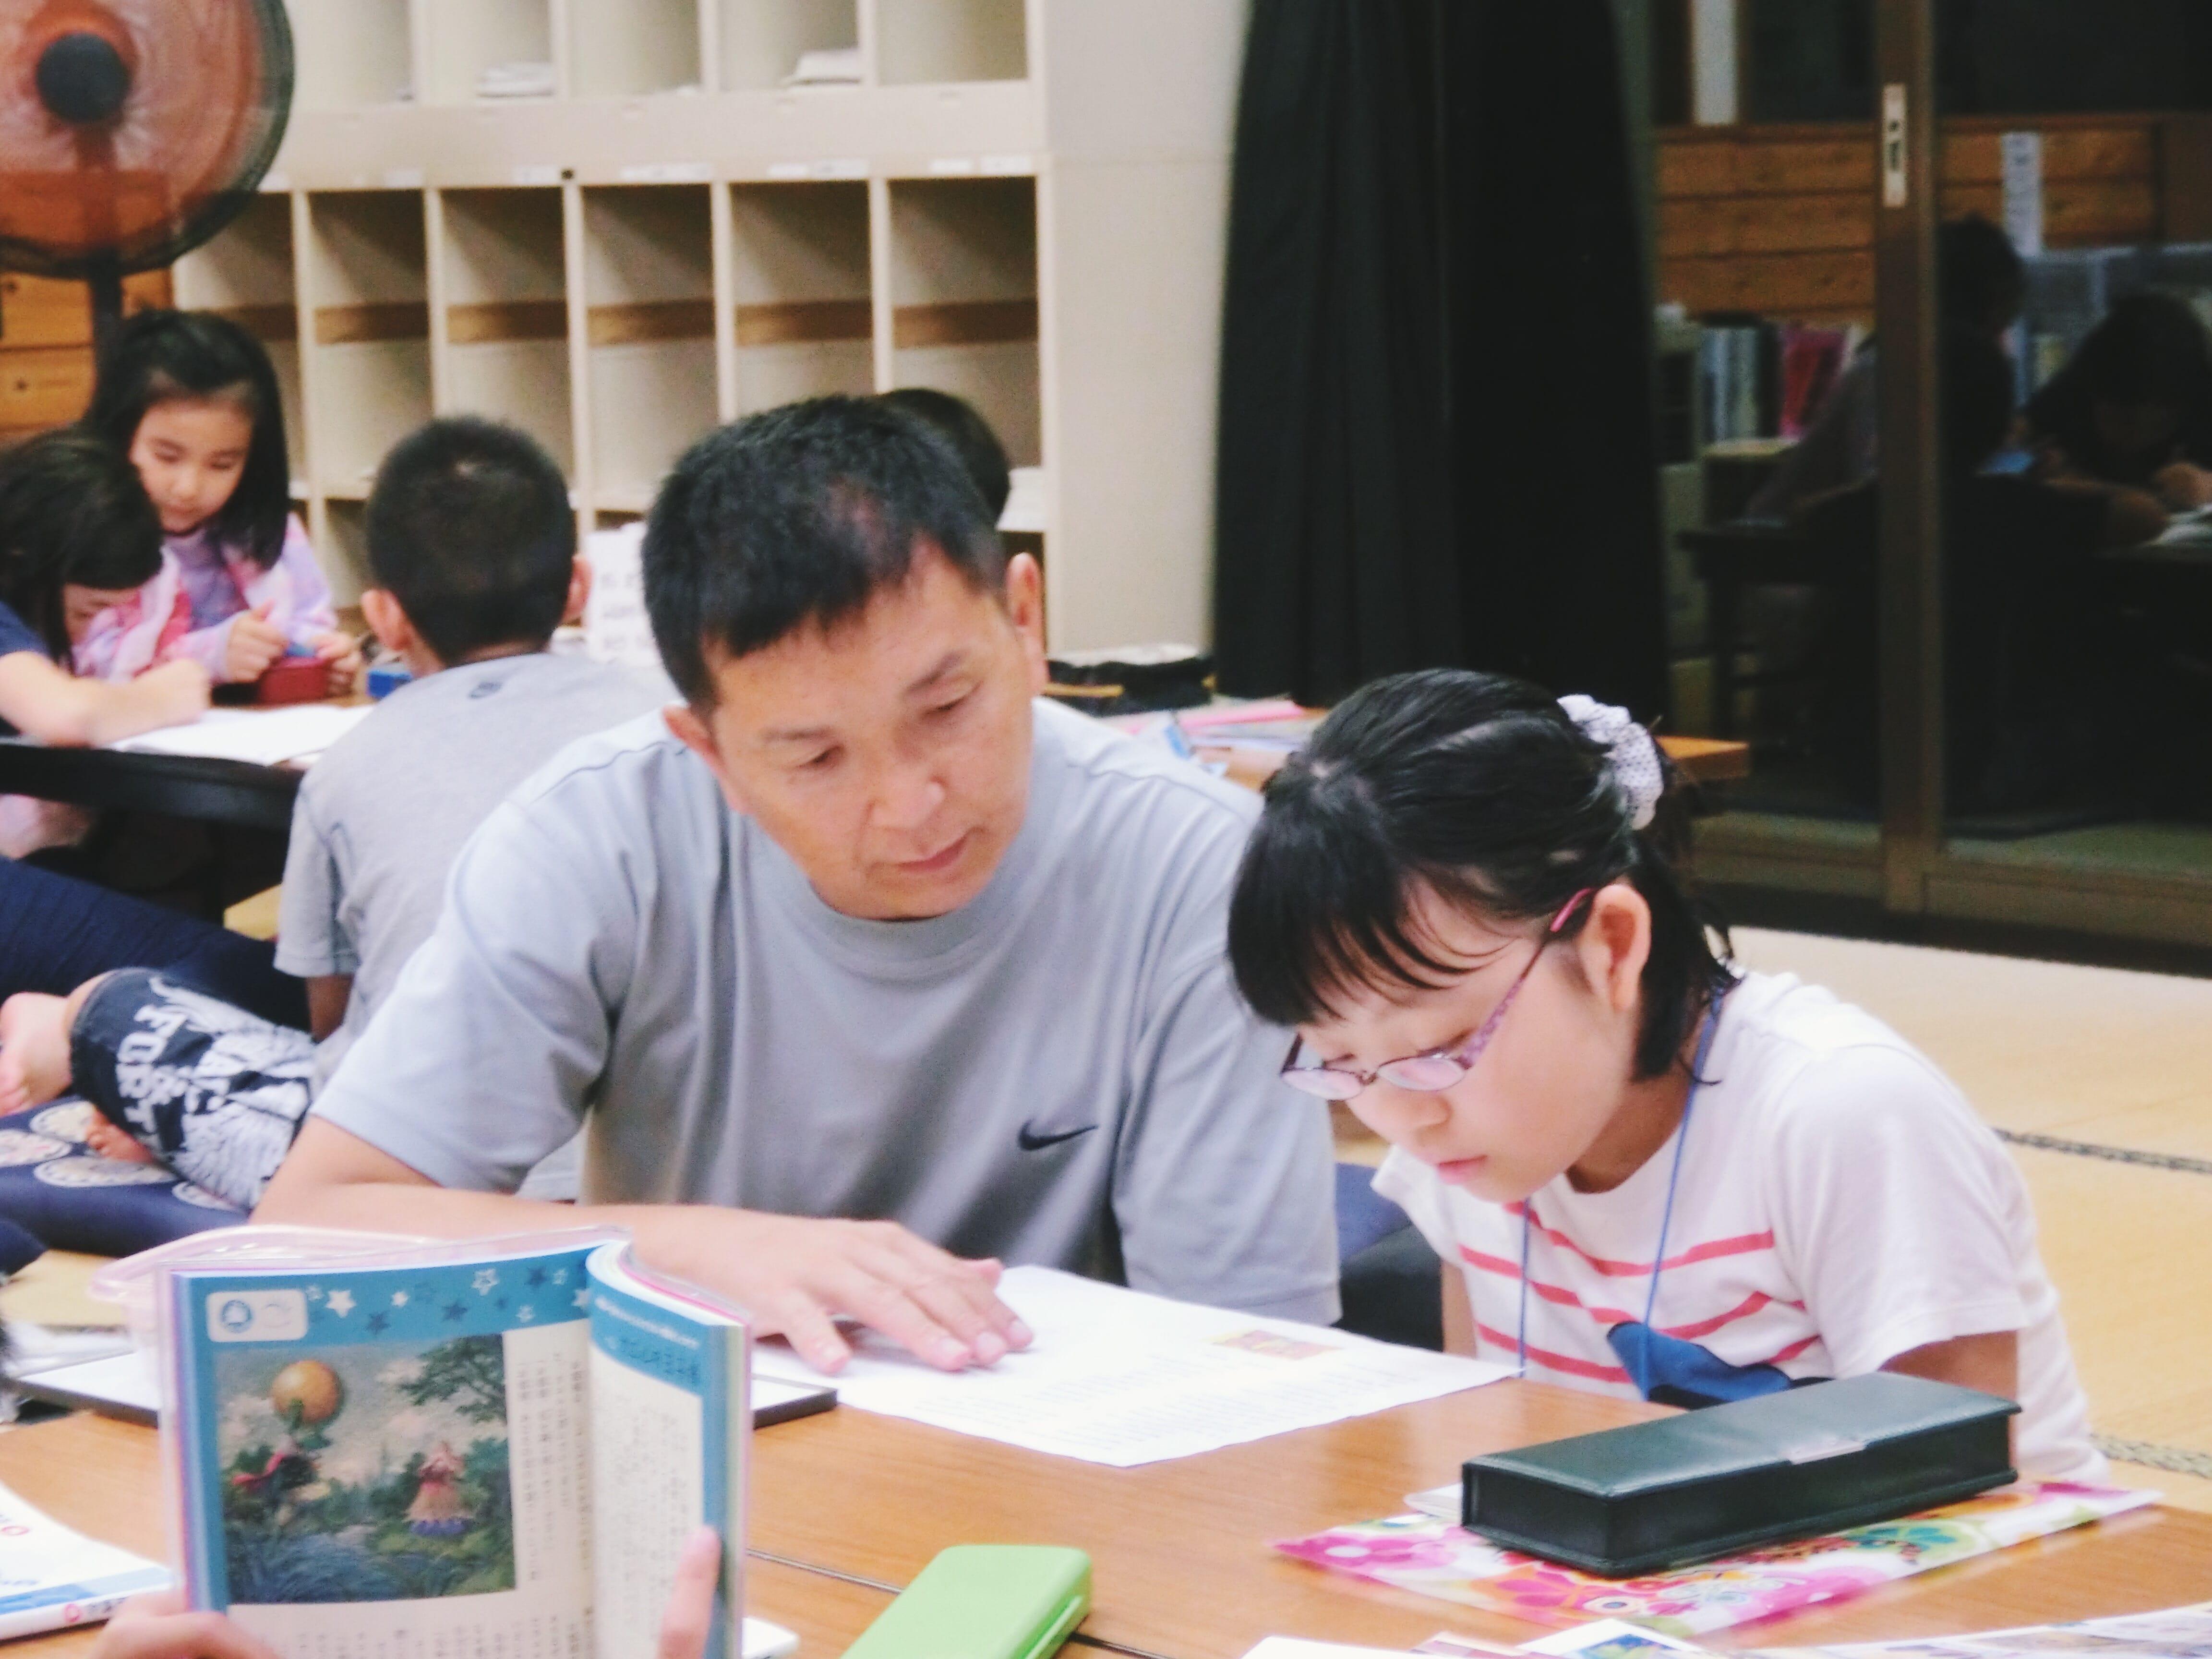 教育留学している生徒の様子。